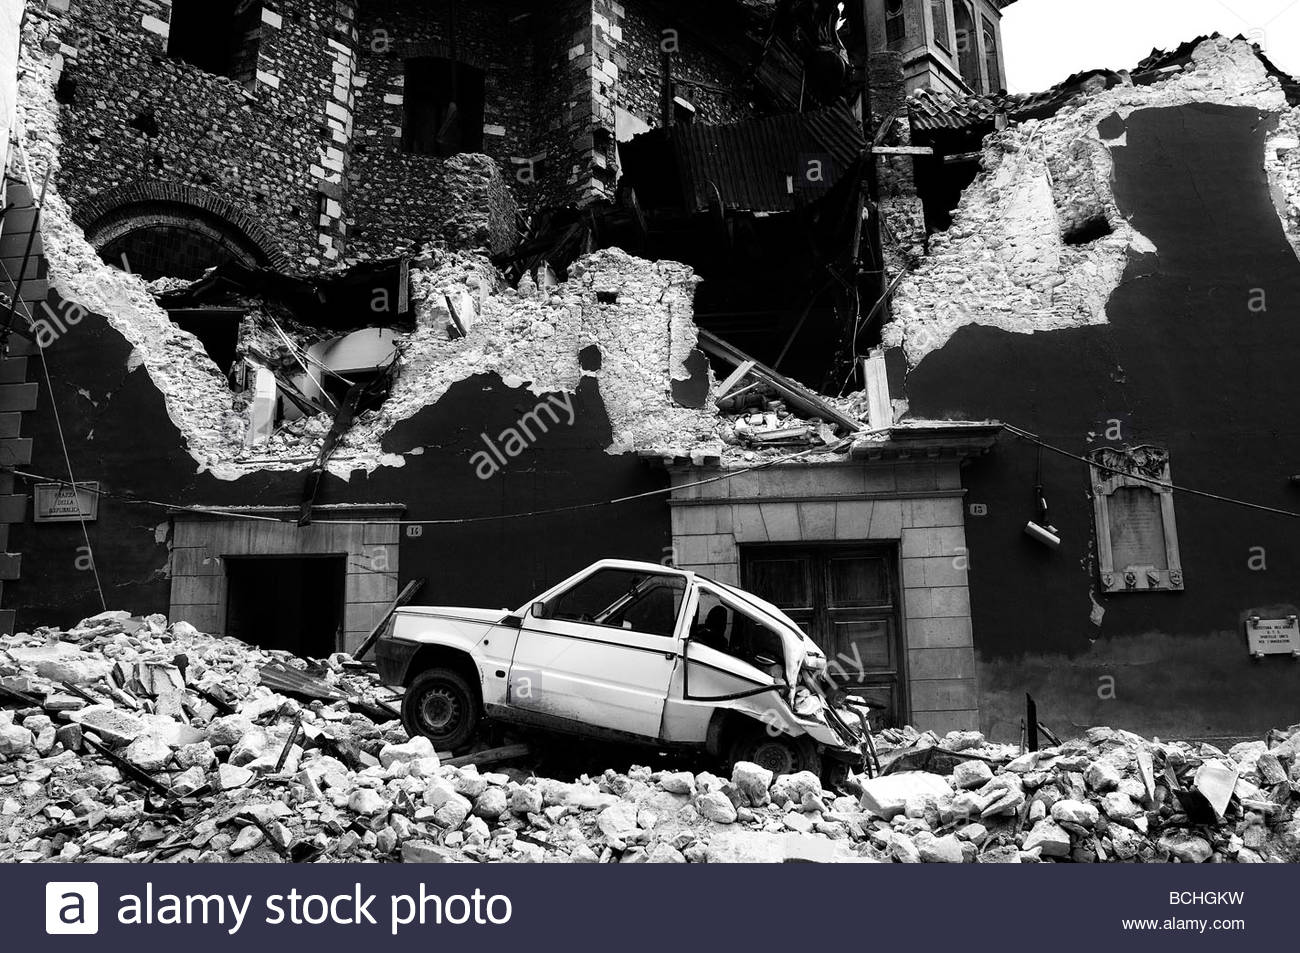 L'aquila terremoto. abruzzo italia Immagini Stock